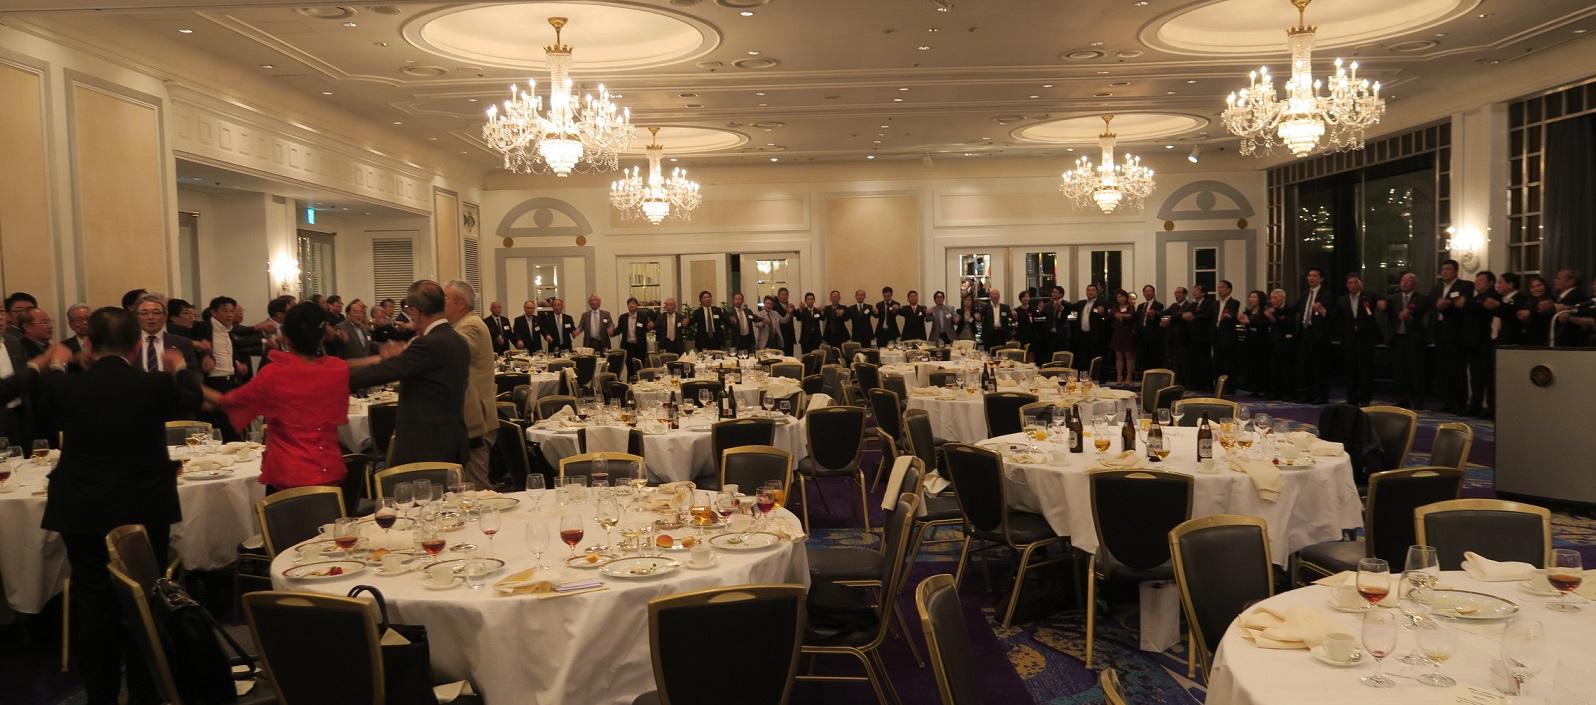 東京で 「比国育英会バギオ基金」の 創立35周年記念祝賀会が開催されました_a0109542_2363585.jpg